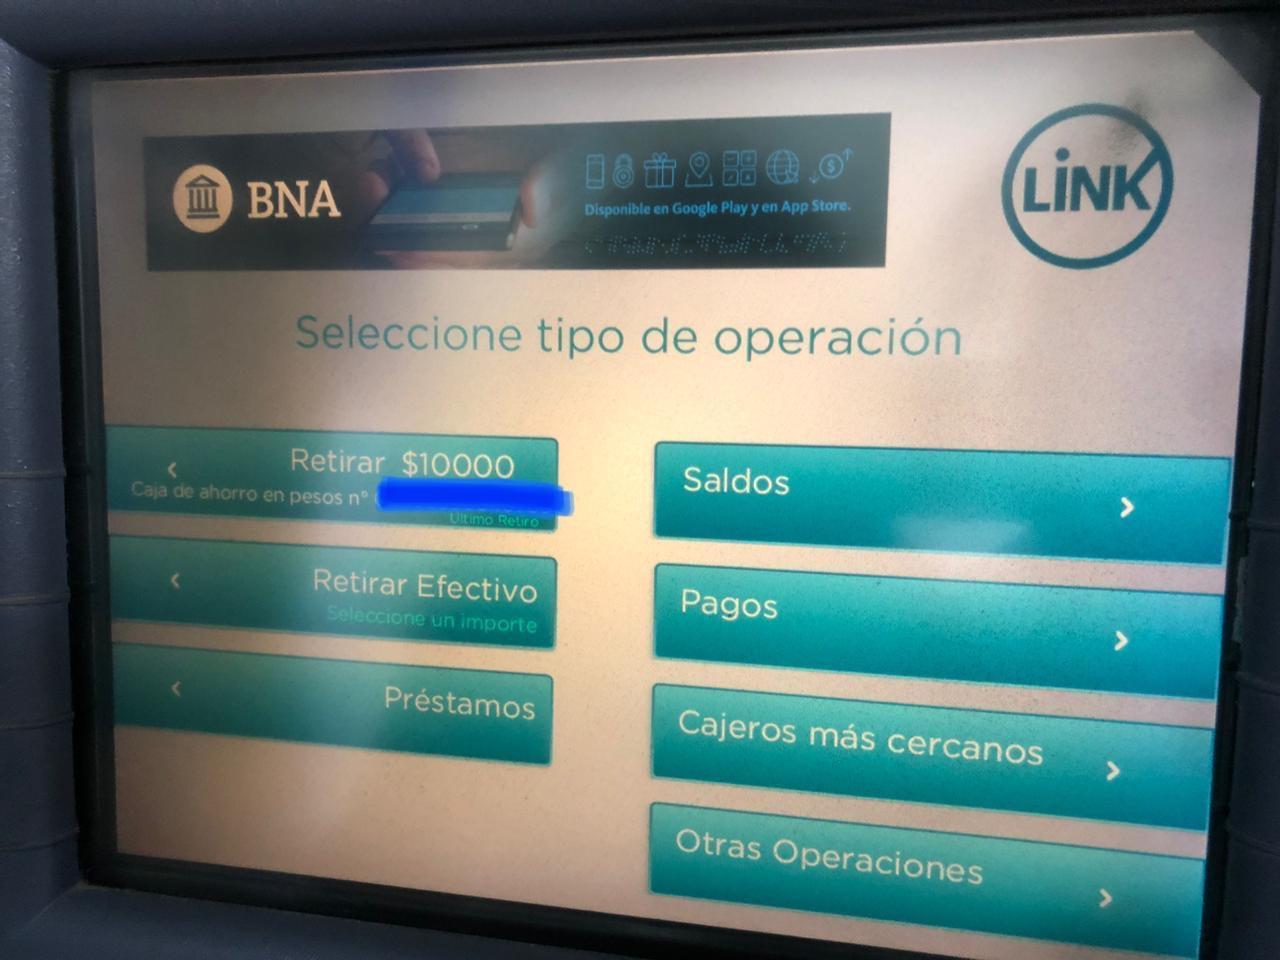 Pantalla de cajero automático de Banco Nación donde sólo dice que se pueden retirar pesos